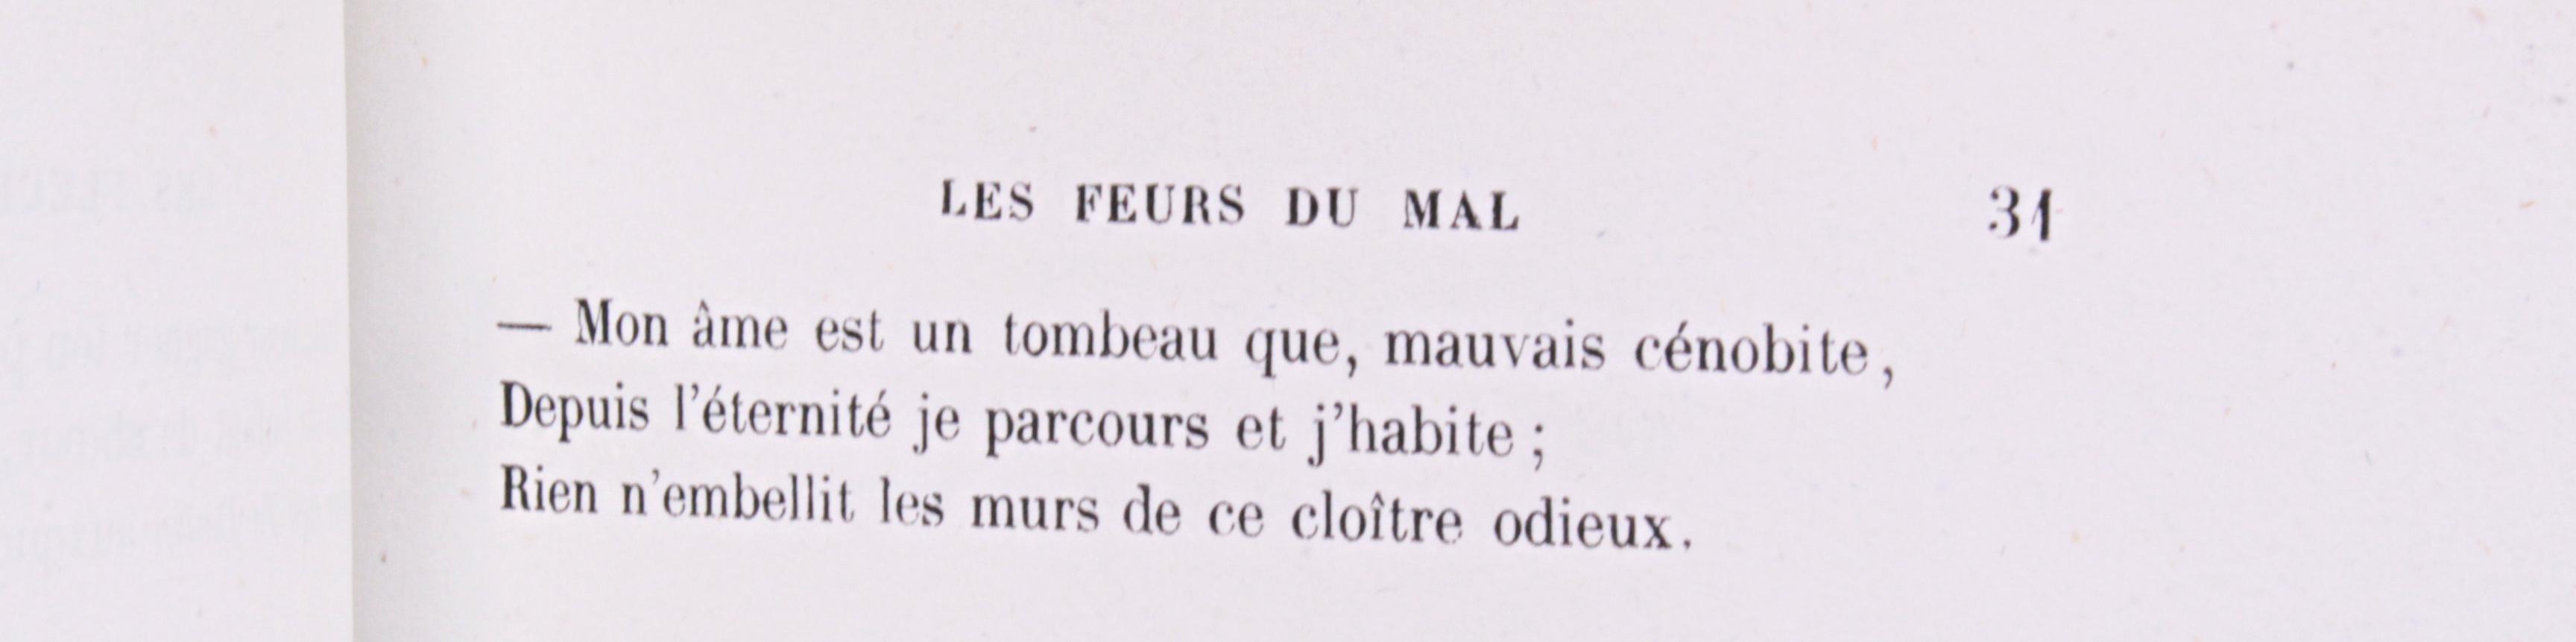 Faute à Feurs du Mal Baudelaire Fleurs du Mal 1857